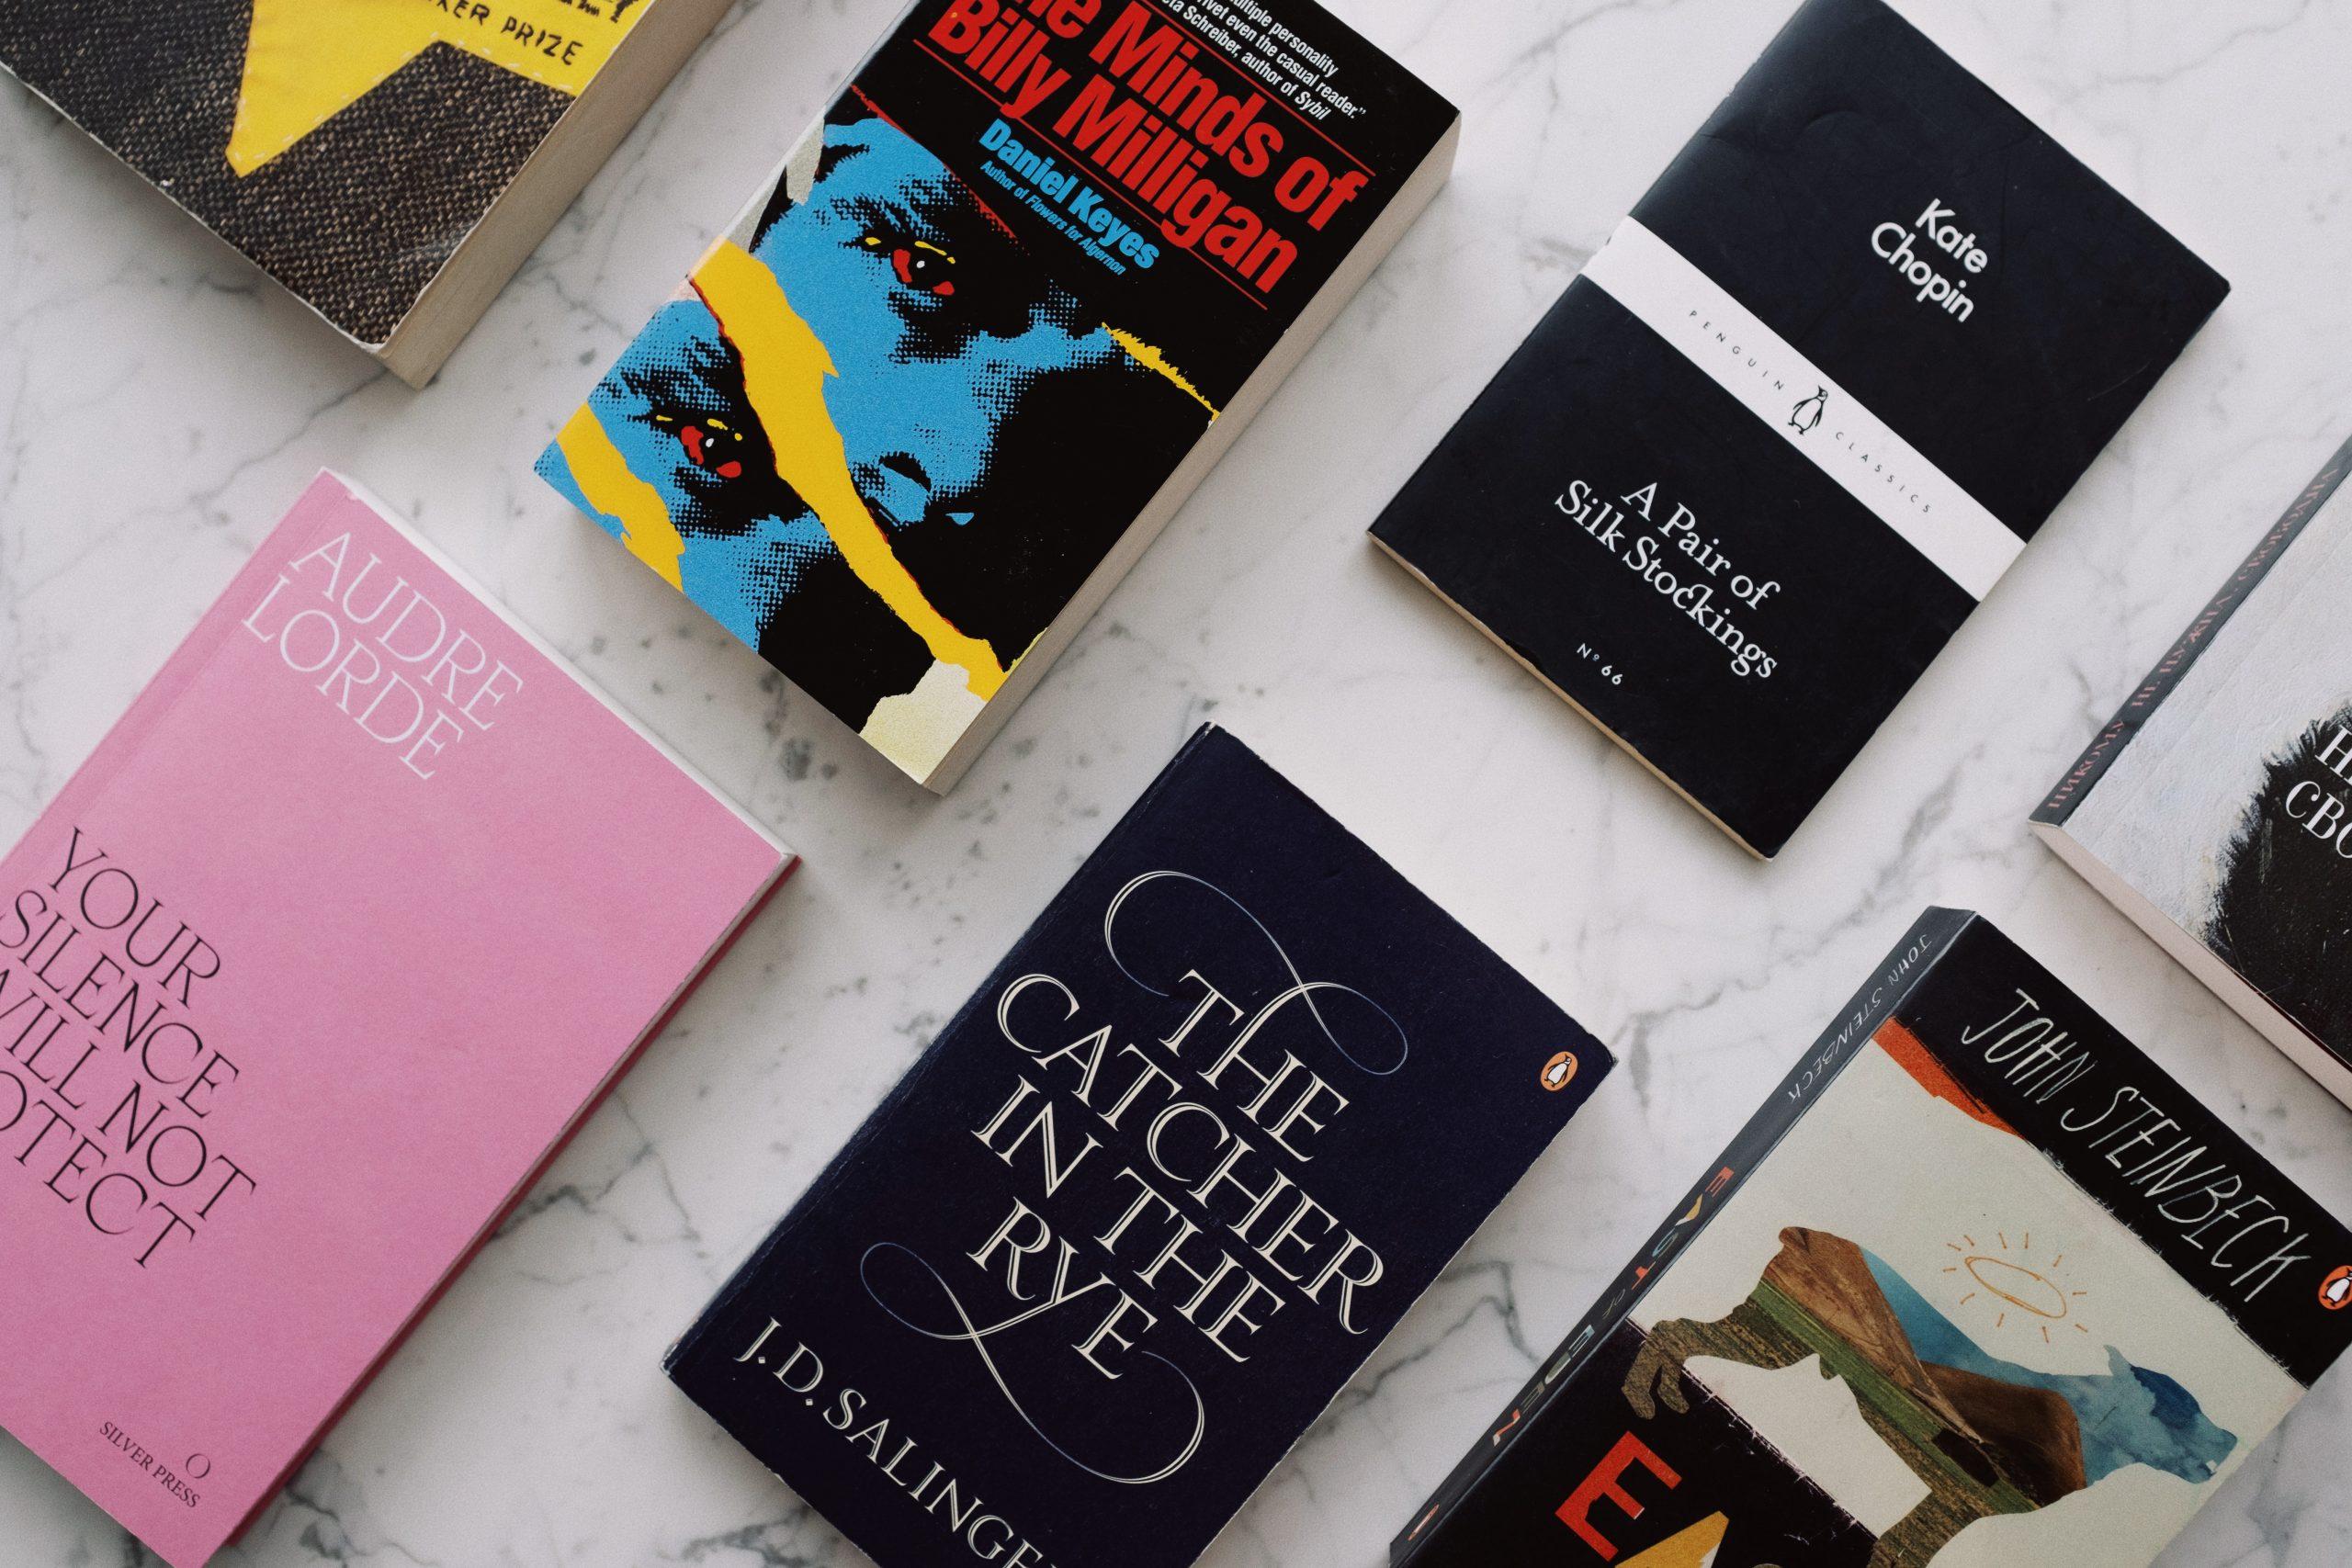 Plot schreiben lernen - verschiedene Buchcover und Geschichten